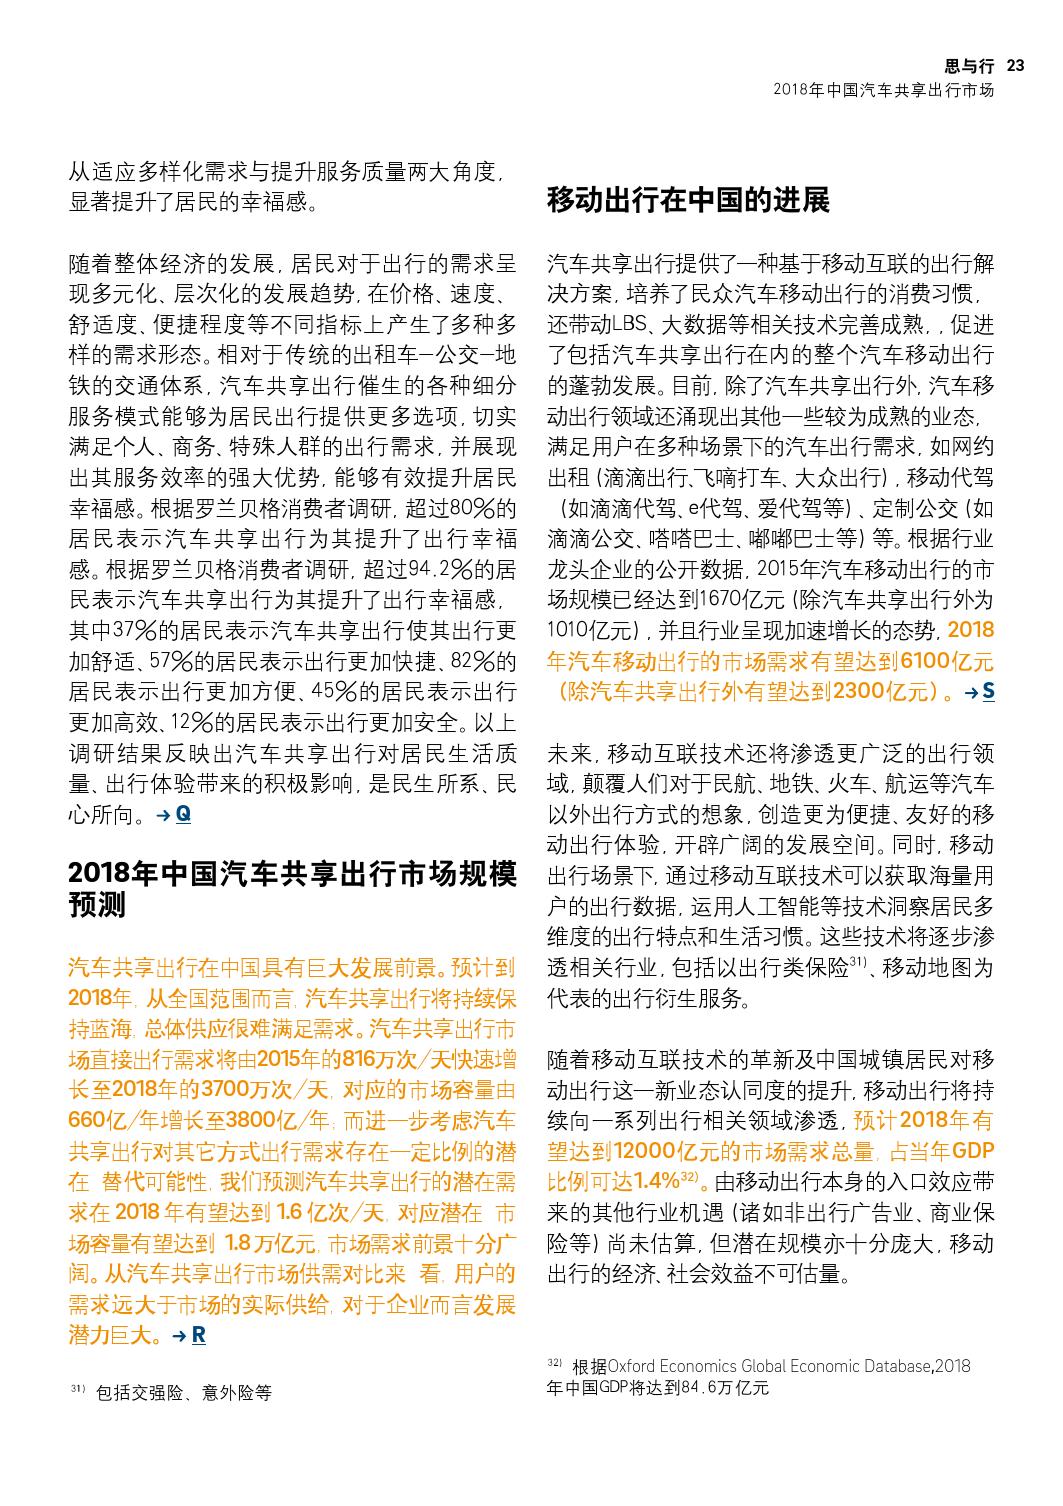 2018年中国汽车共享出行市场分析预测报告_000023